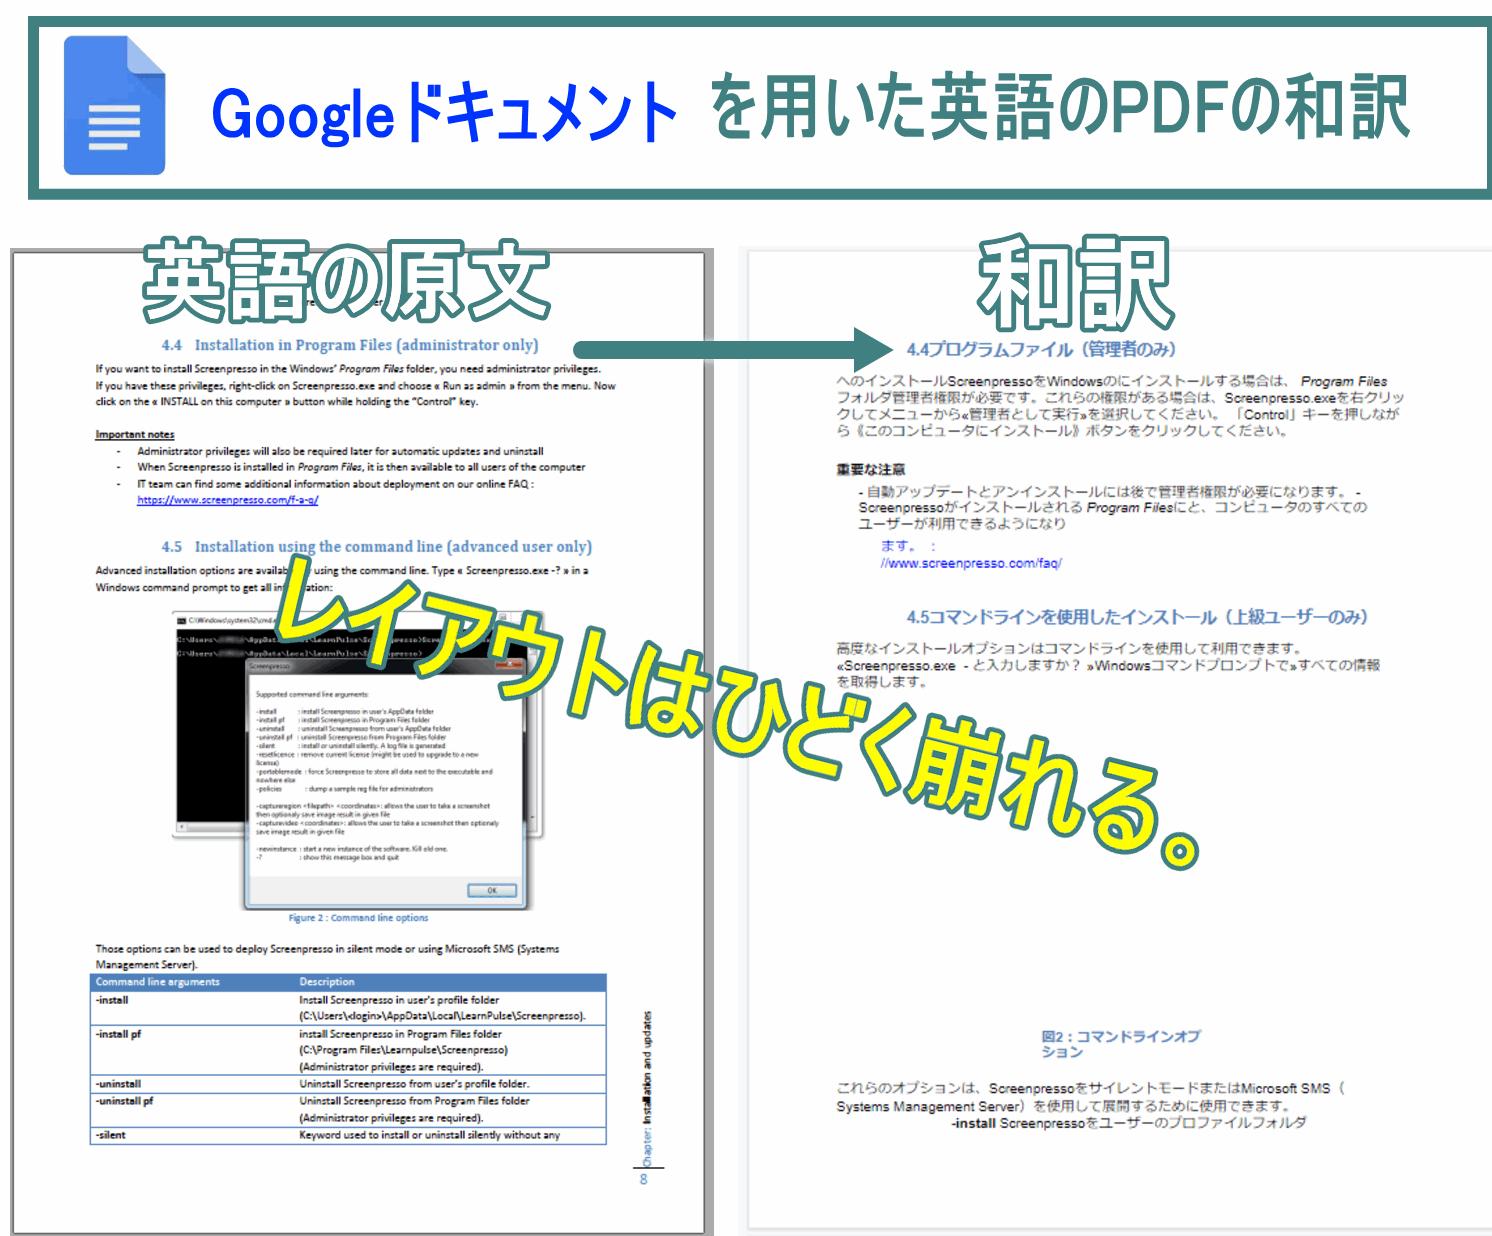 GoogleドキュメントでもPDFの翻訳は可能だが、レイアウトの崩れはひどい。